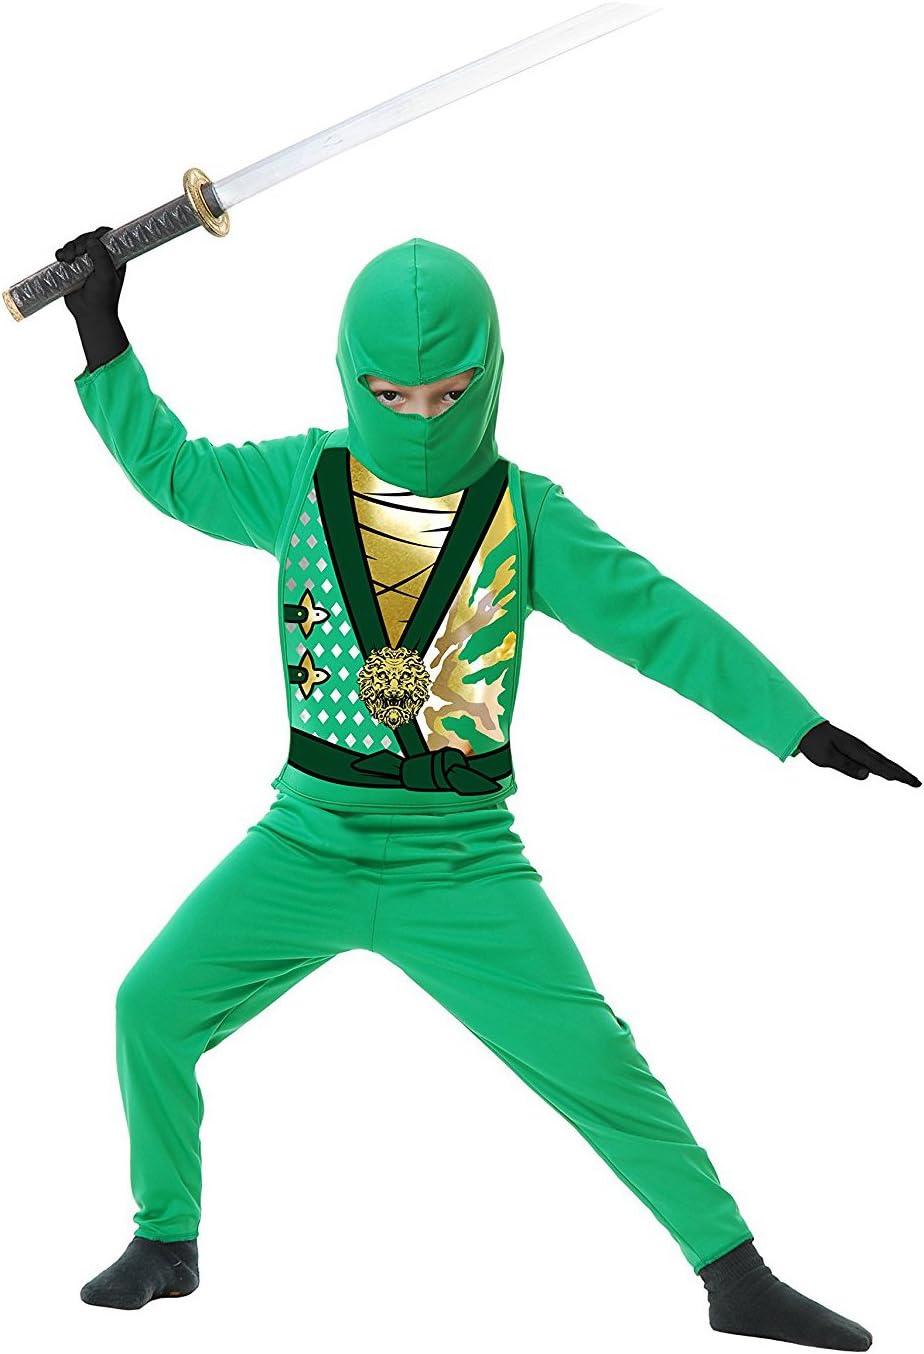 Ninja Avenger Series 4 Costume